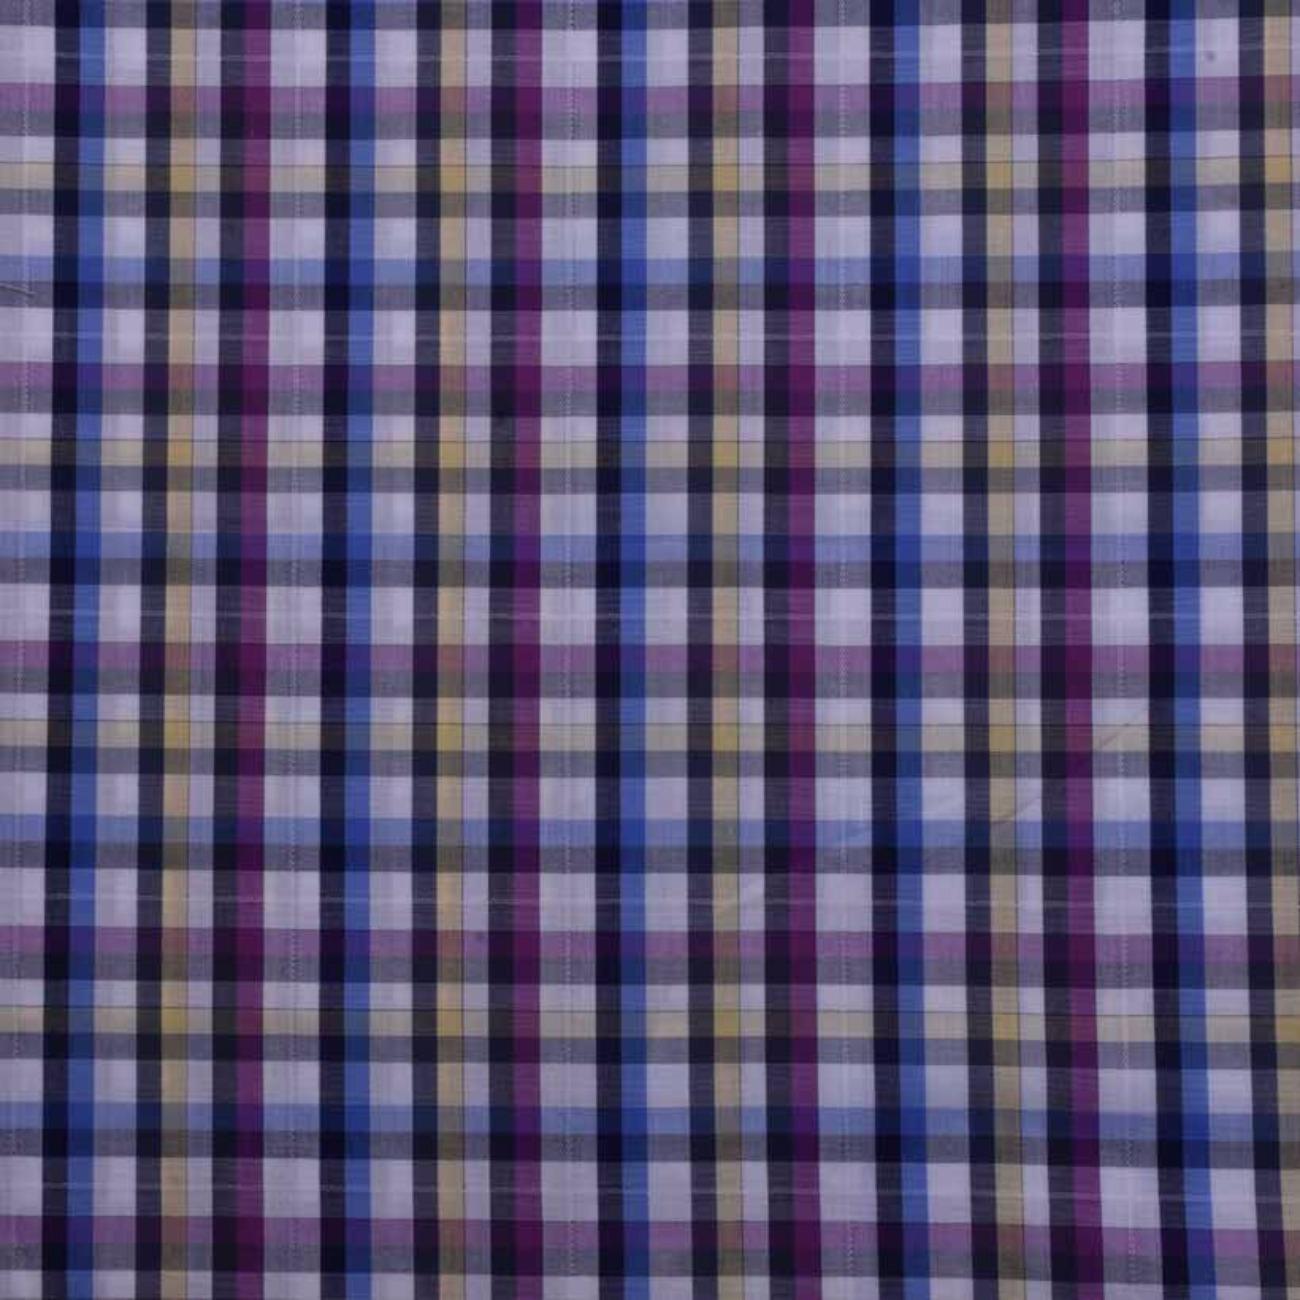 现货格子梭织色织提花低弹休闲时尚风格 衬衫 连衣裙 短裙 棉感 60929-29